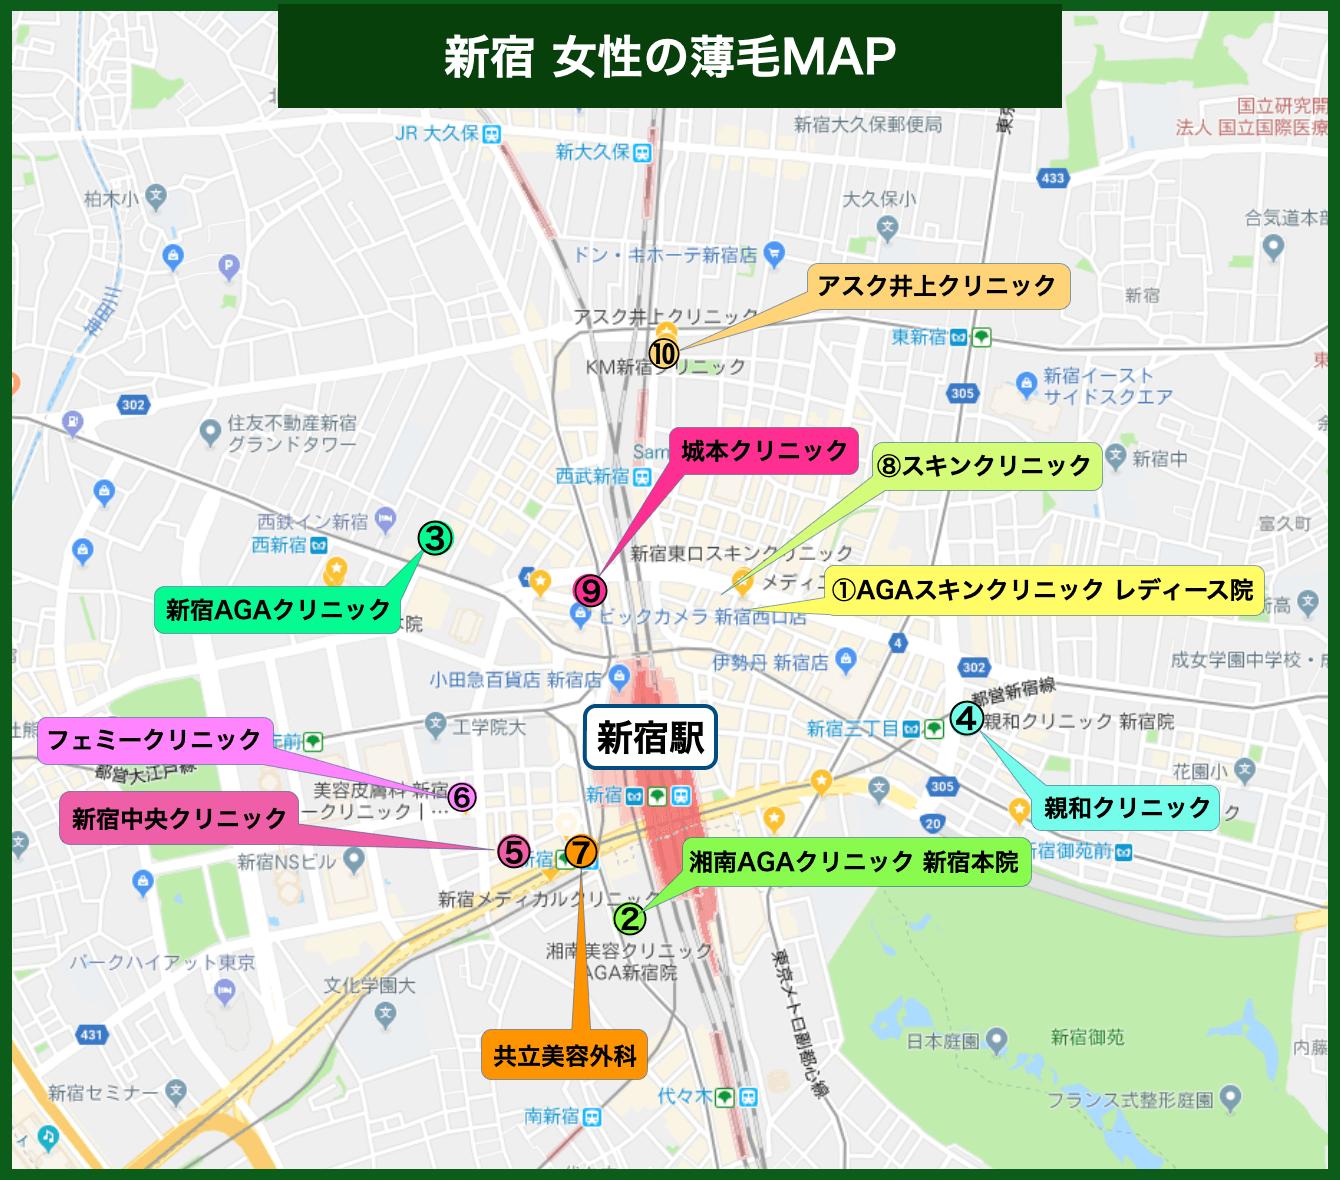 新宿 女性の薄毛MAP